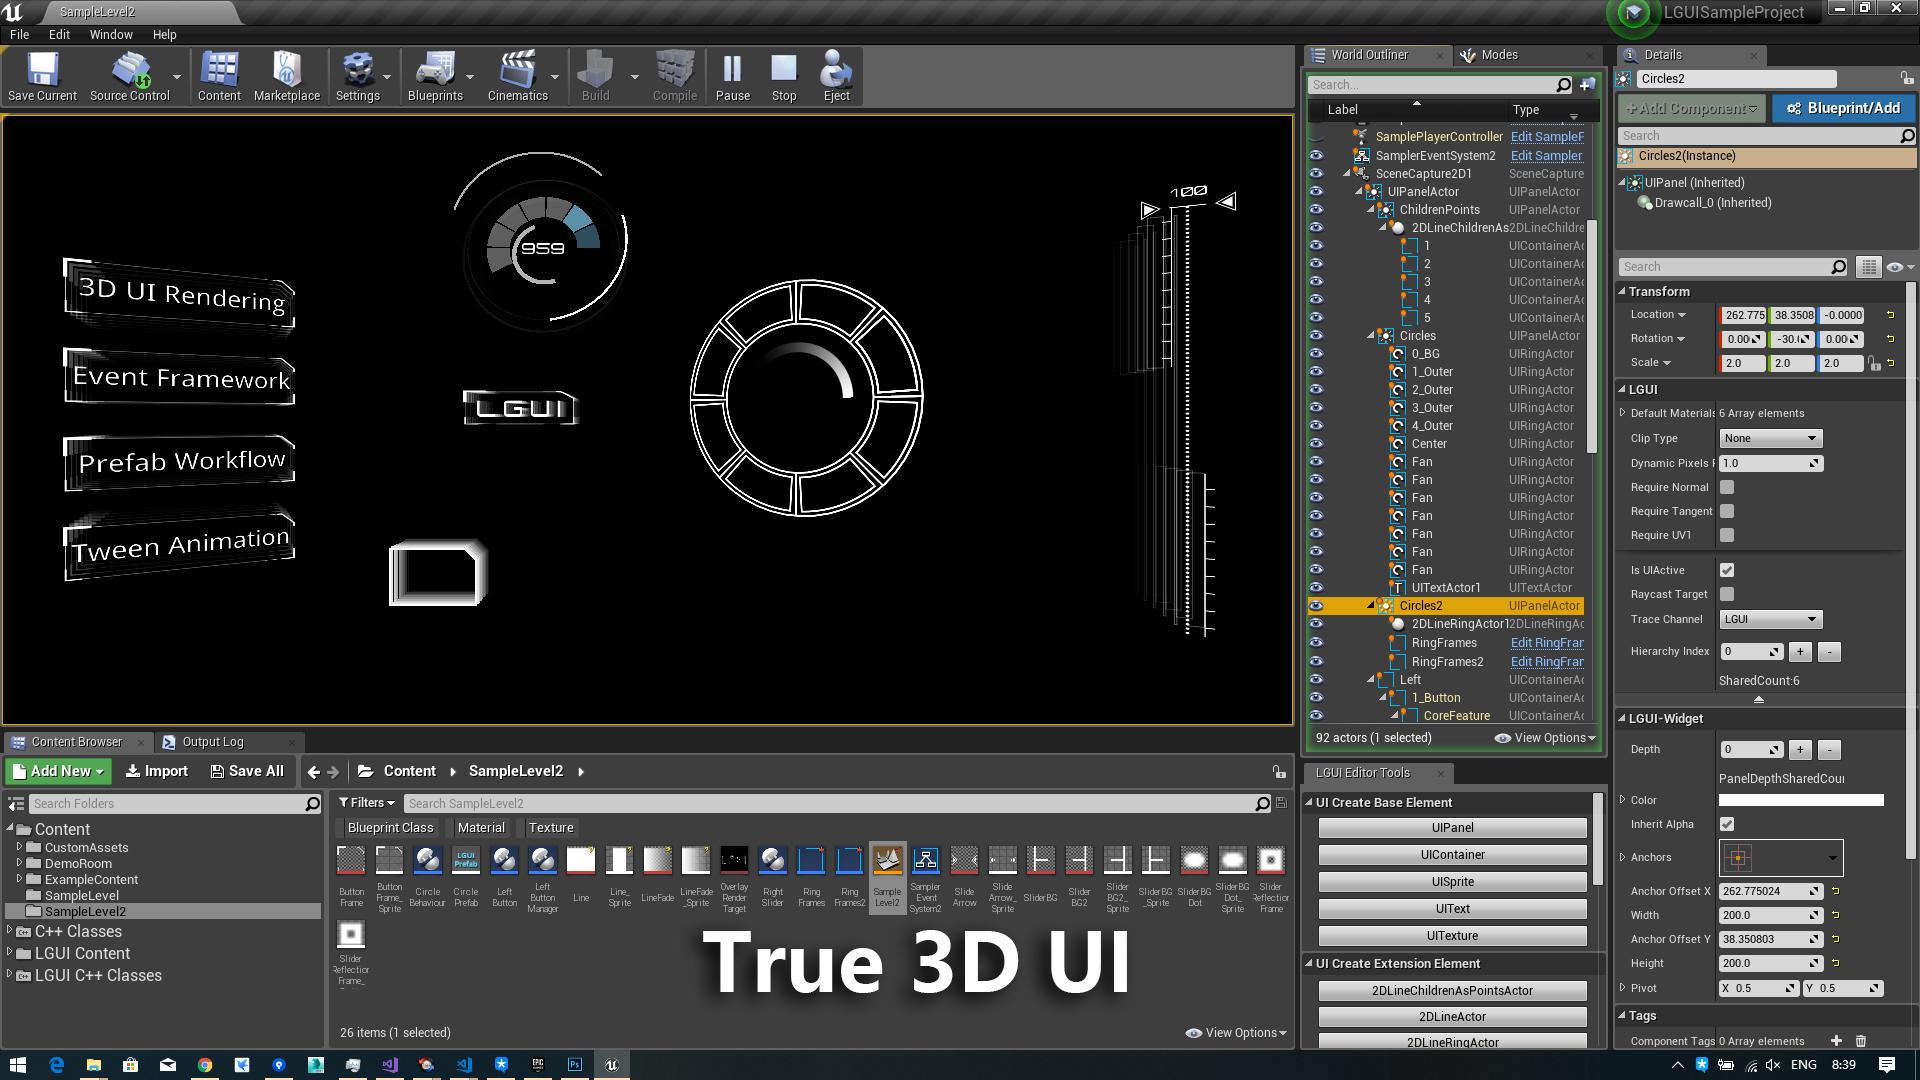 在Code Plugins中由liufei创建的LGUI (Lex GUI) - 3D UI System